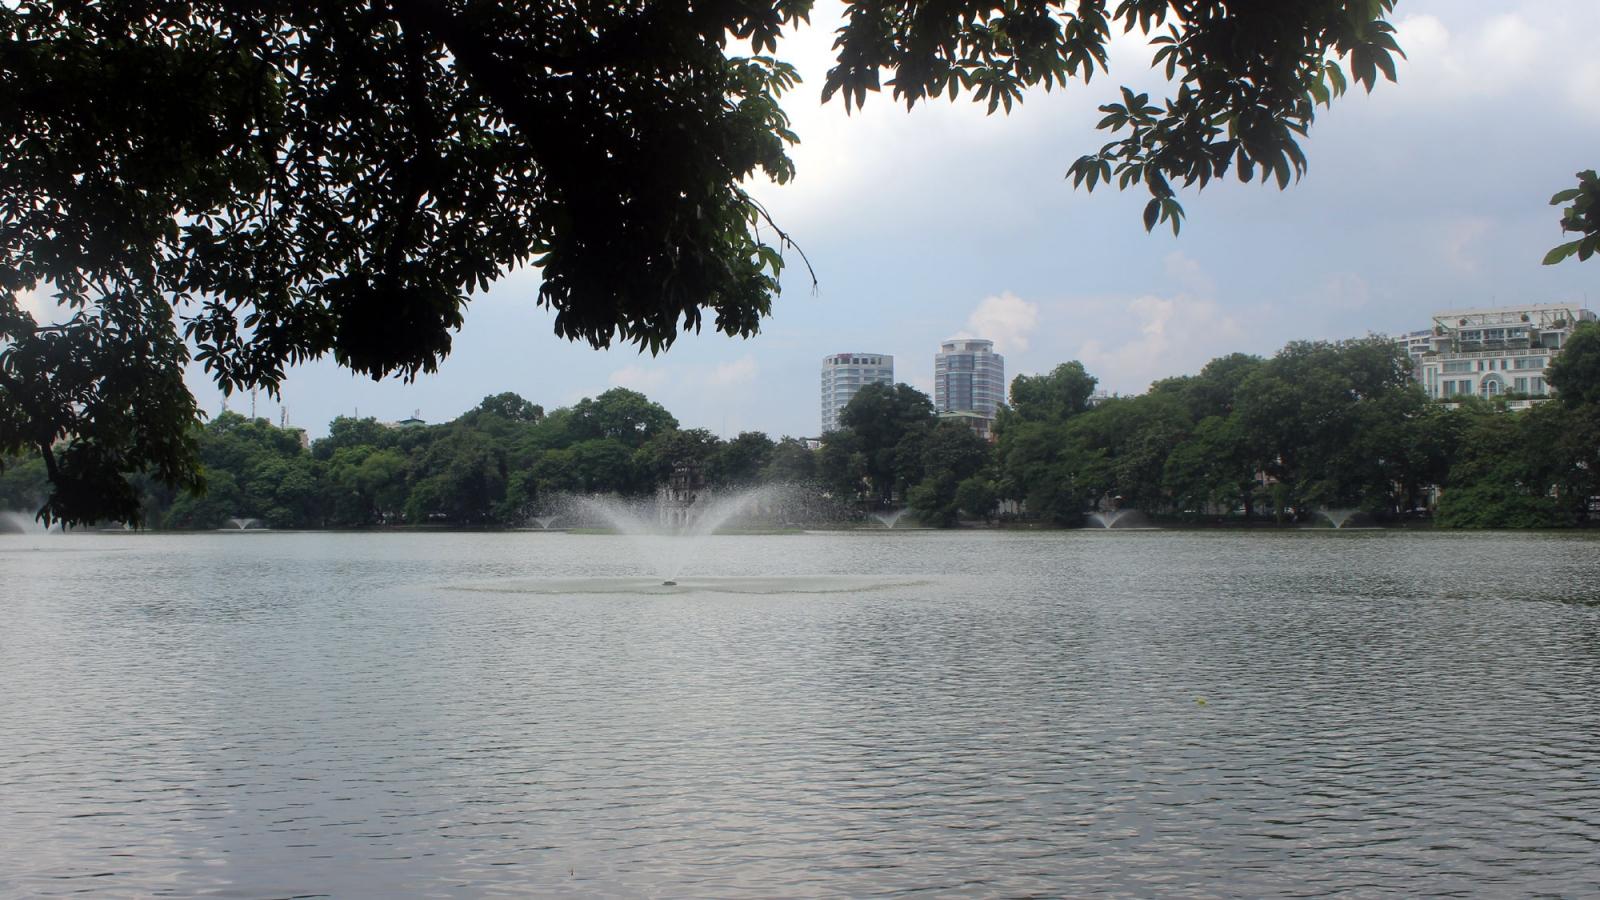 Thời tiết ngày 19/4: Nắng nóng ở nhiều nơi, đêm có mưa